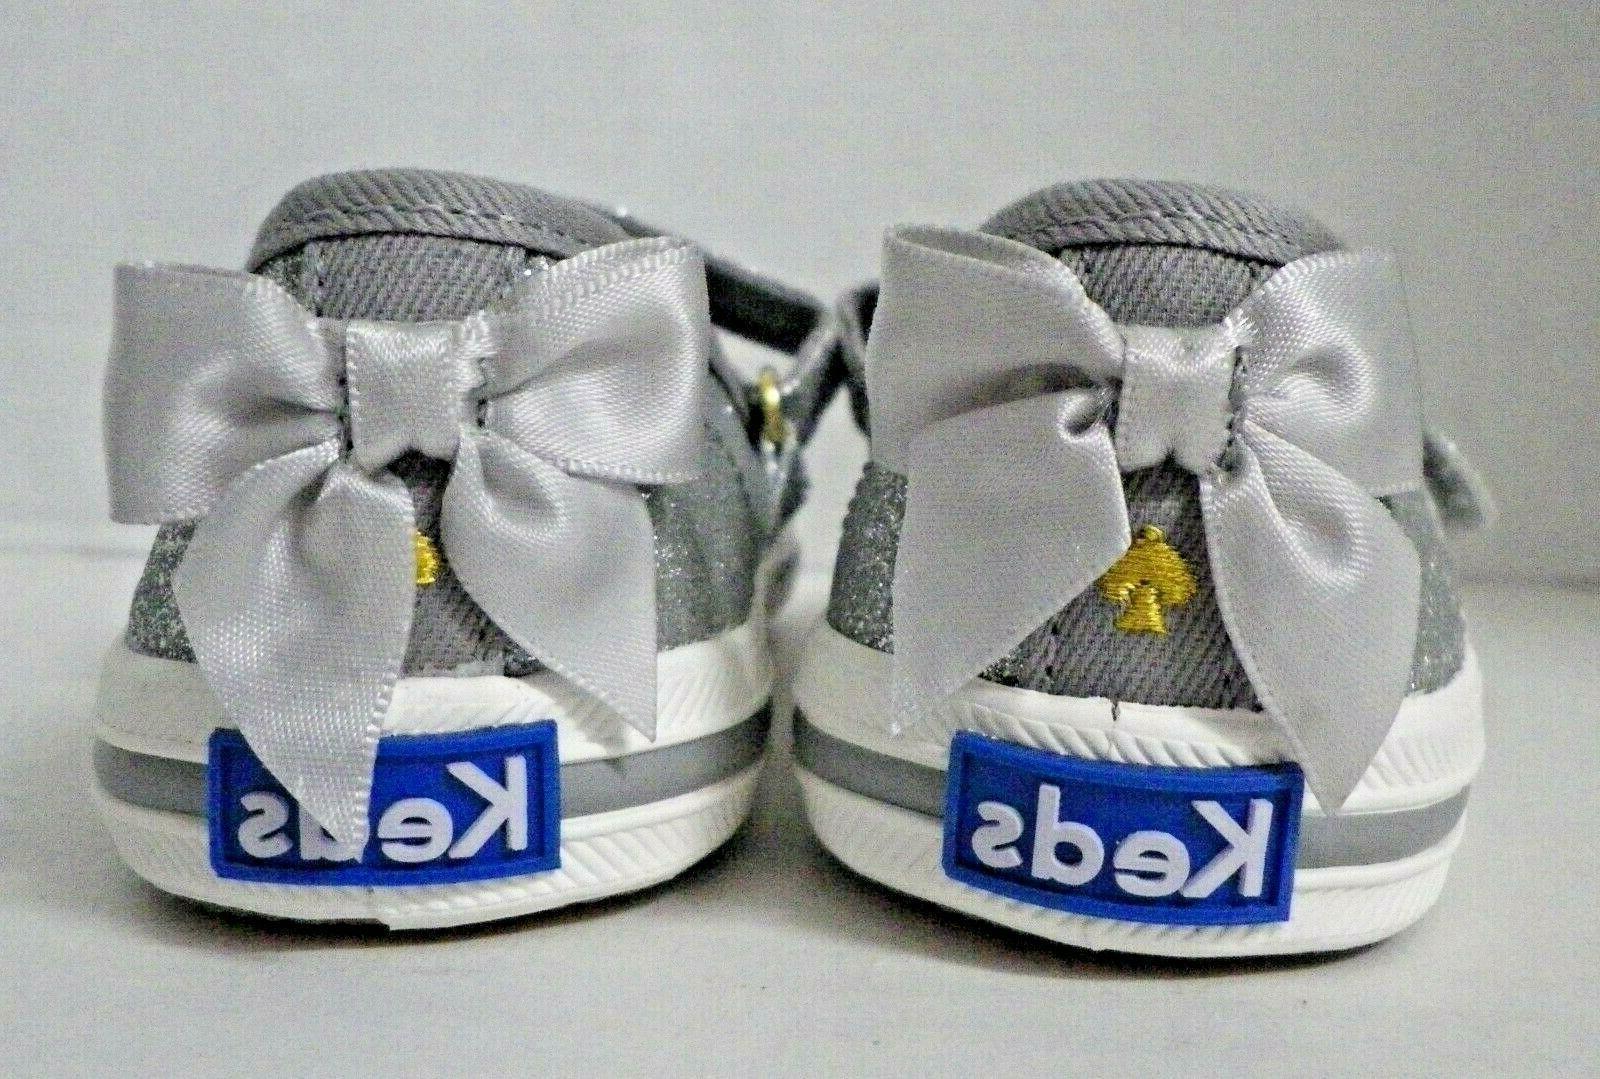 NEW Keds Glitter Sneakers Silver Little Kids 11.5